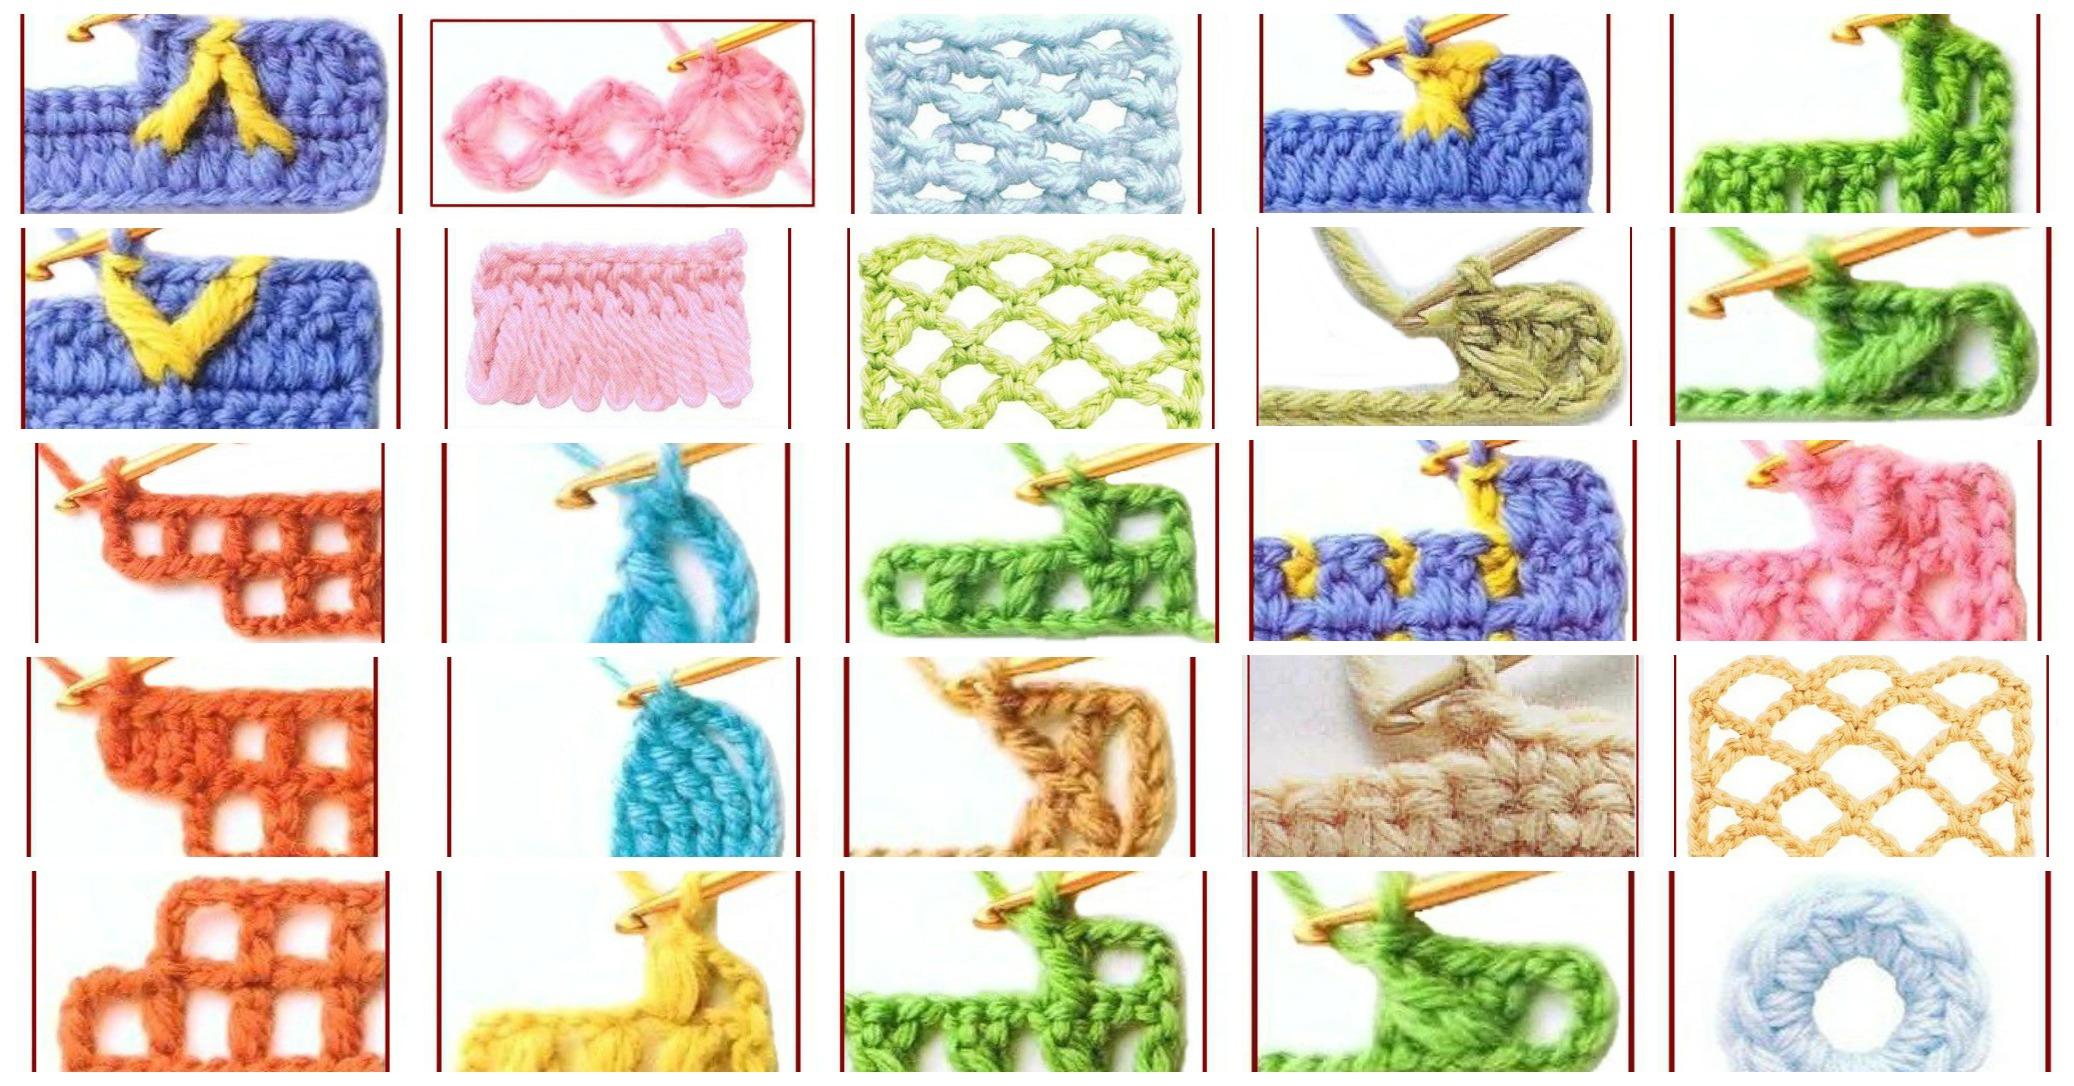 100 Symbols For Stitches Guide To Crochet Pretty Ideas